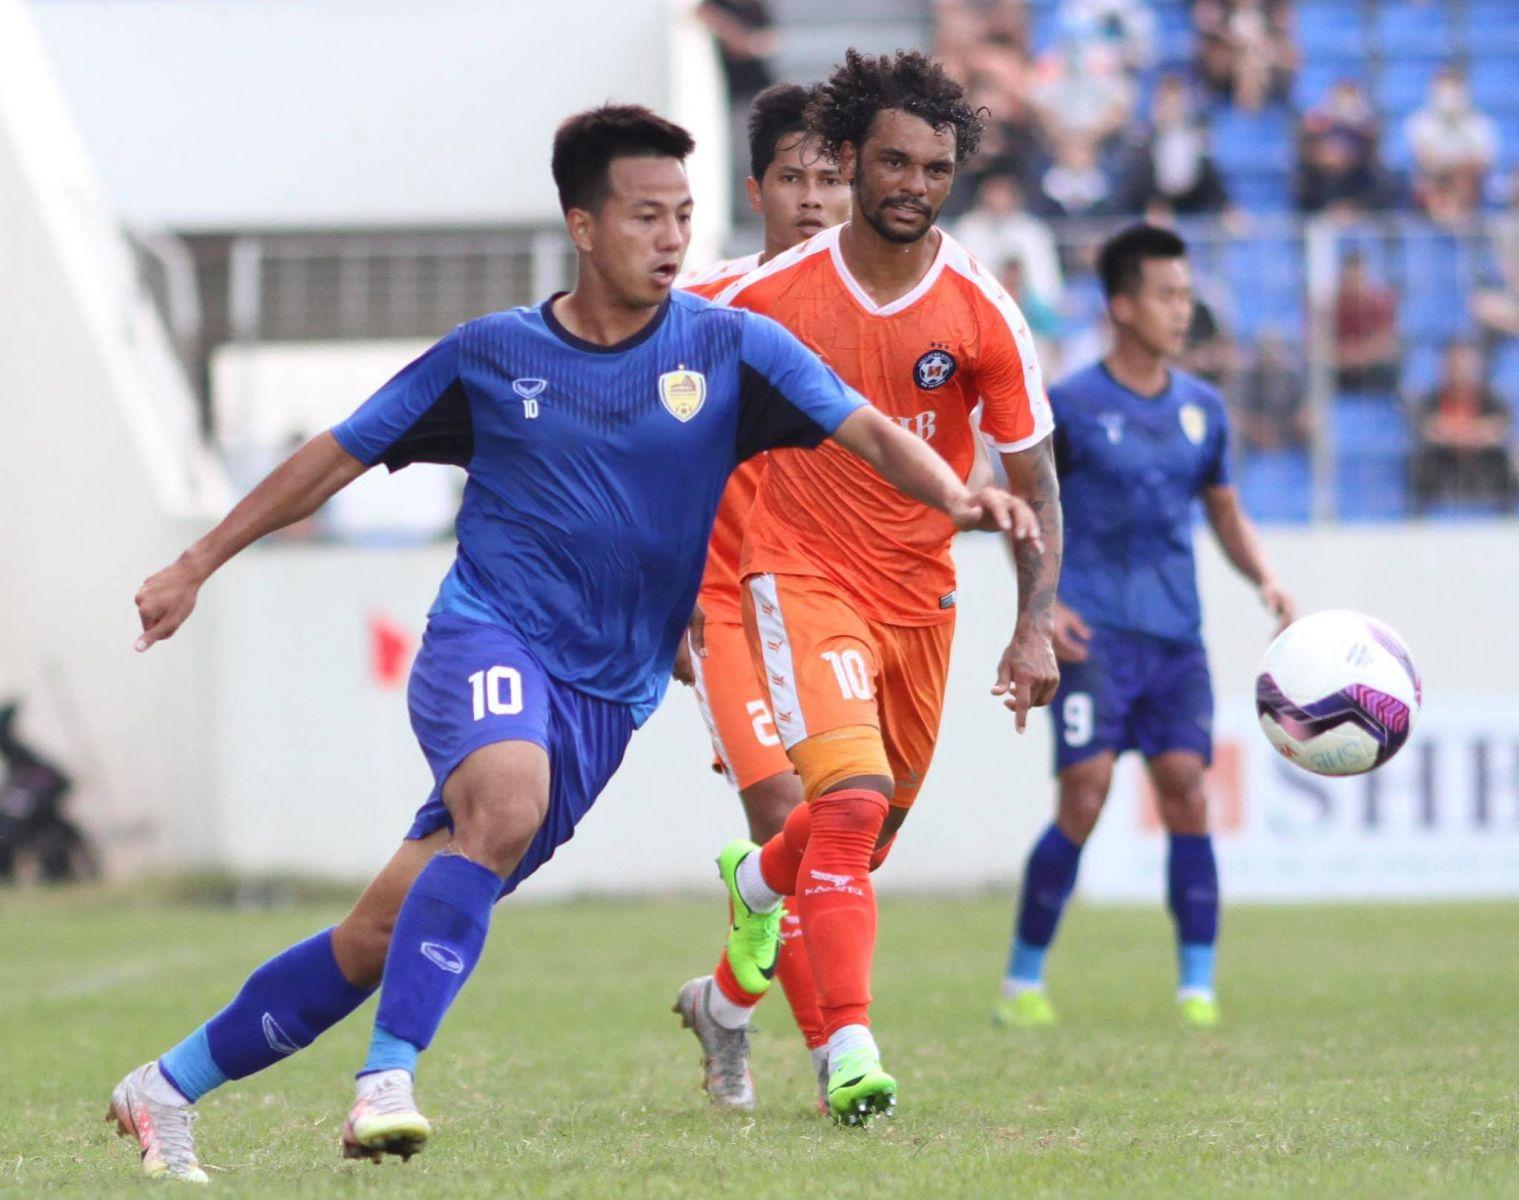 SHB.ĐN với 3 ngoại binh trong đội hình đã nhận thất bại 0-2 trước Quảng Nam FC